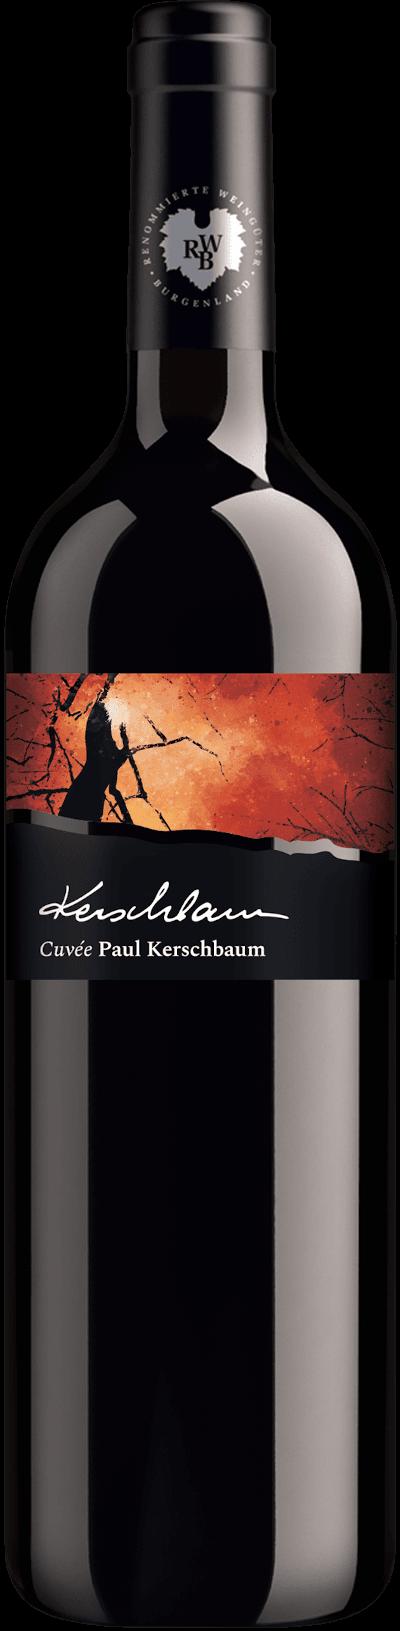 Paul Kerschbaum - Cuvée Kerschbaum Magnum